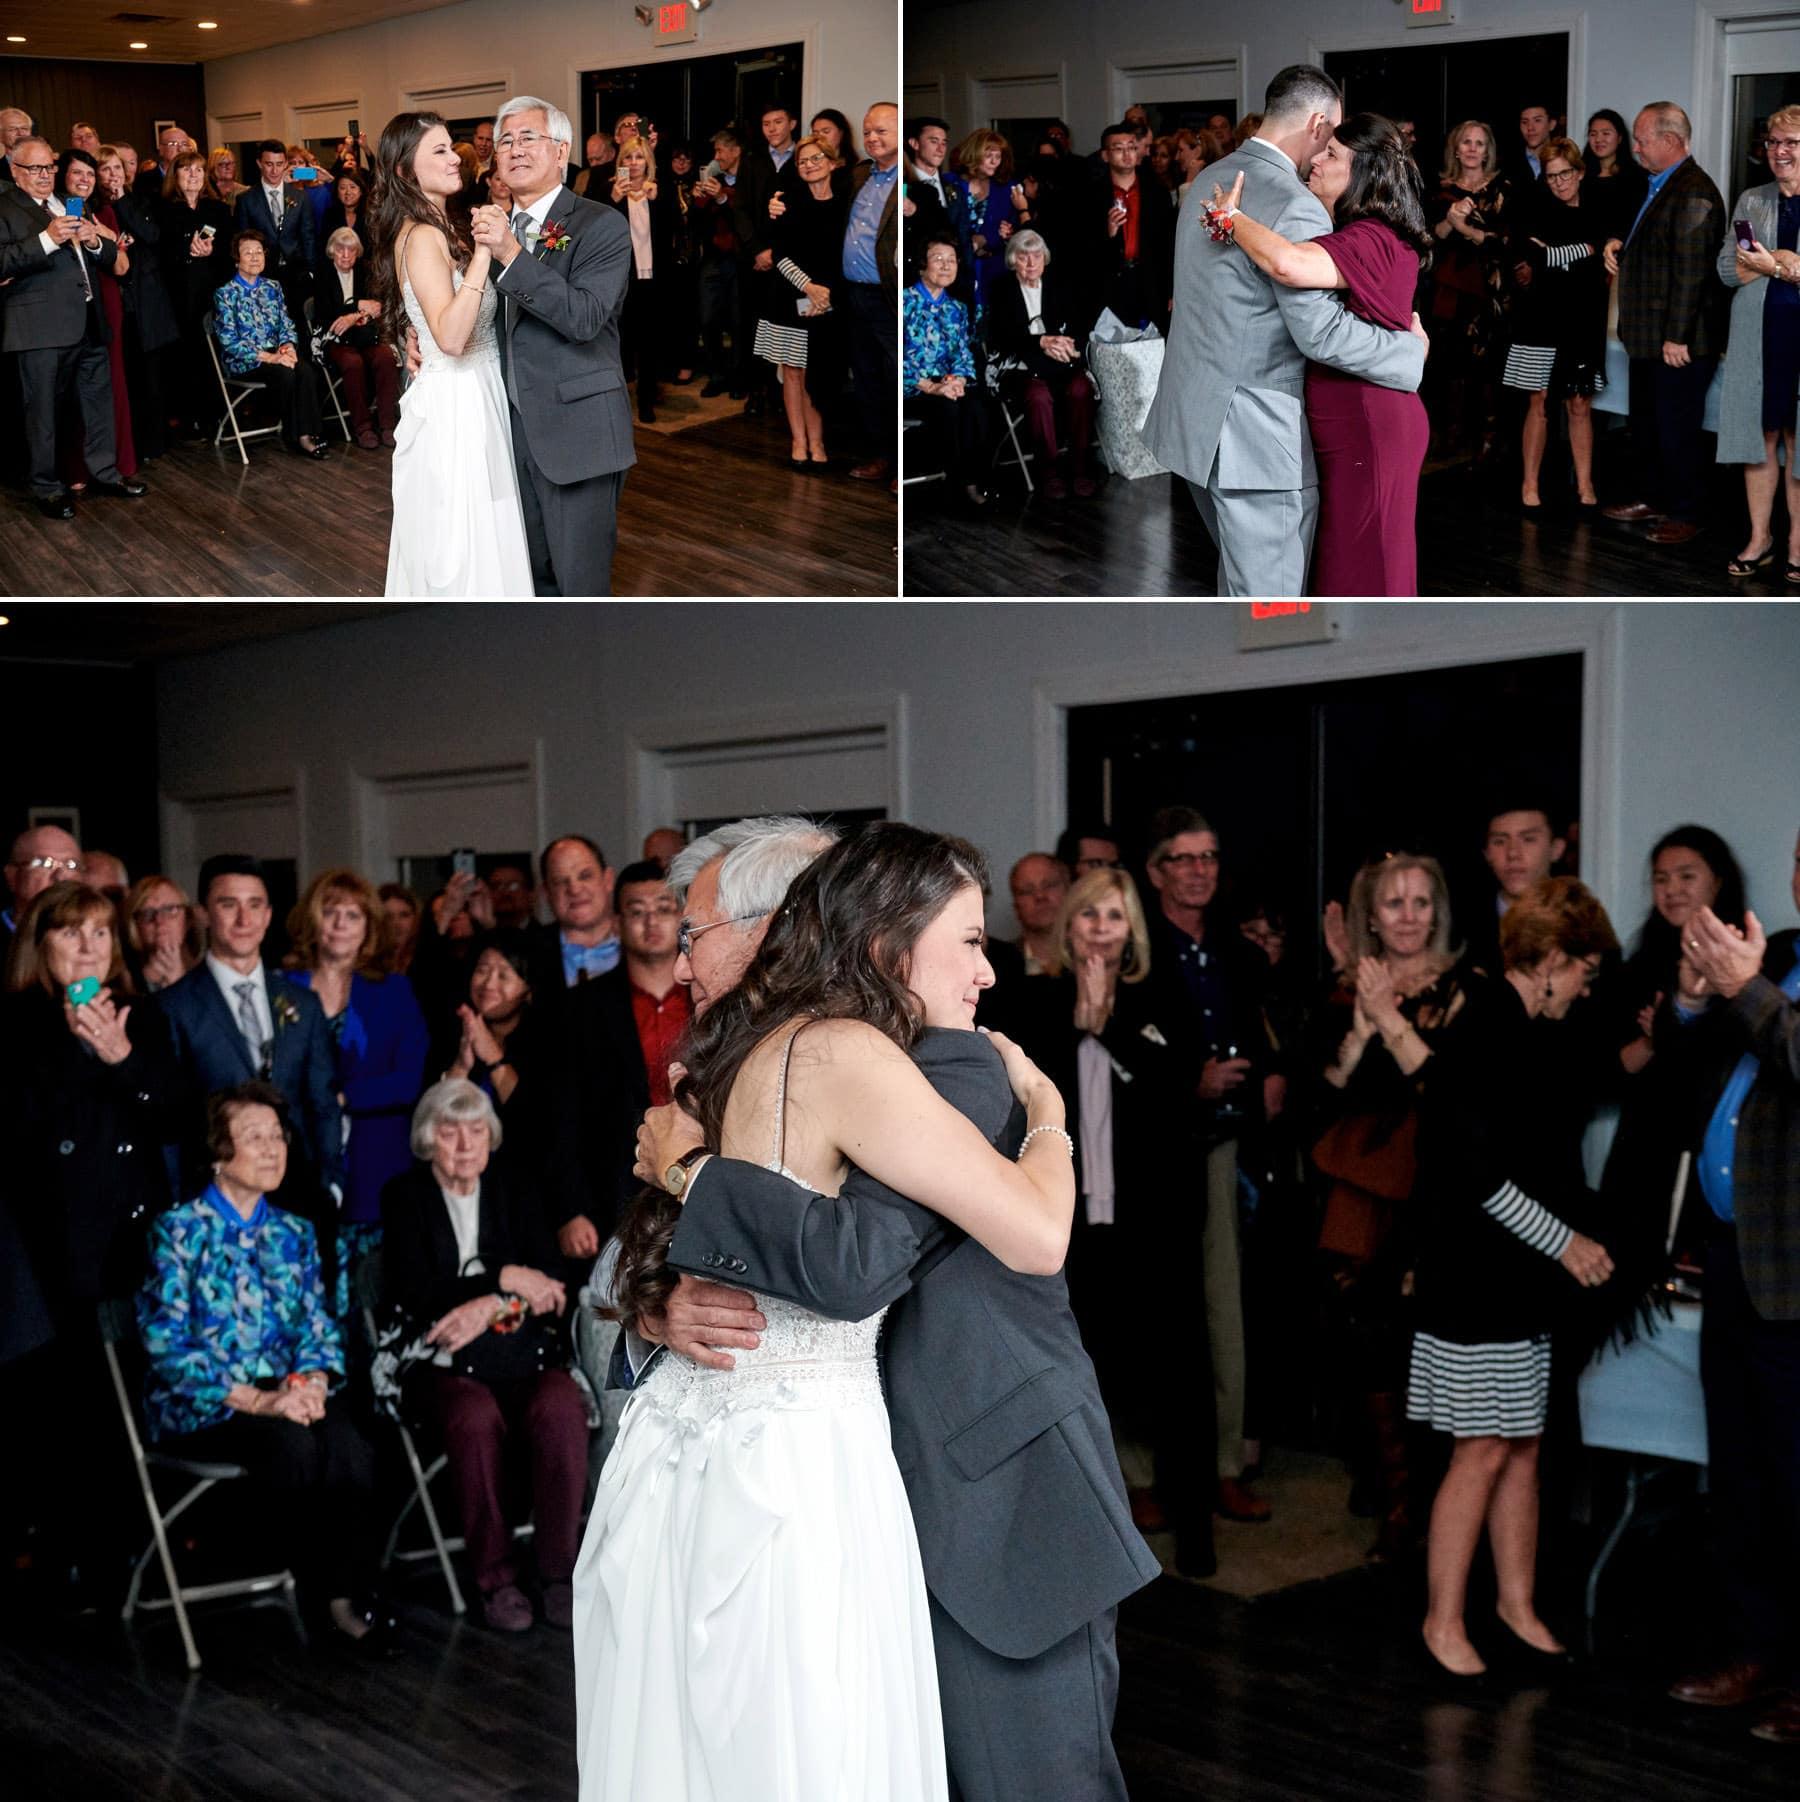 wedding parent dance photos at old york cellars